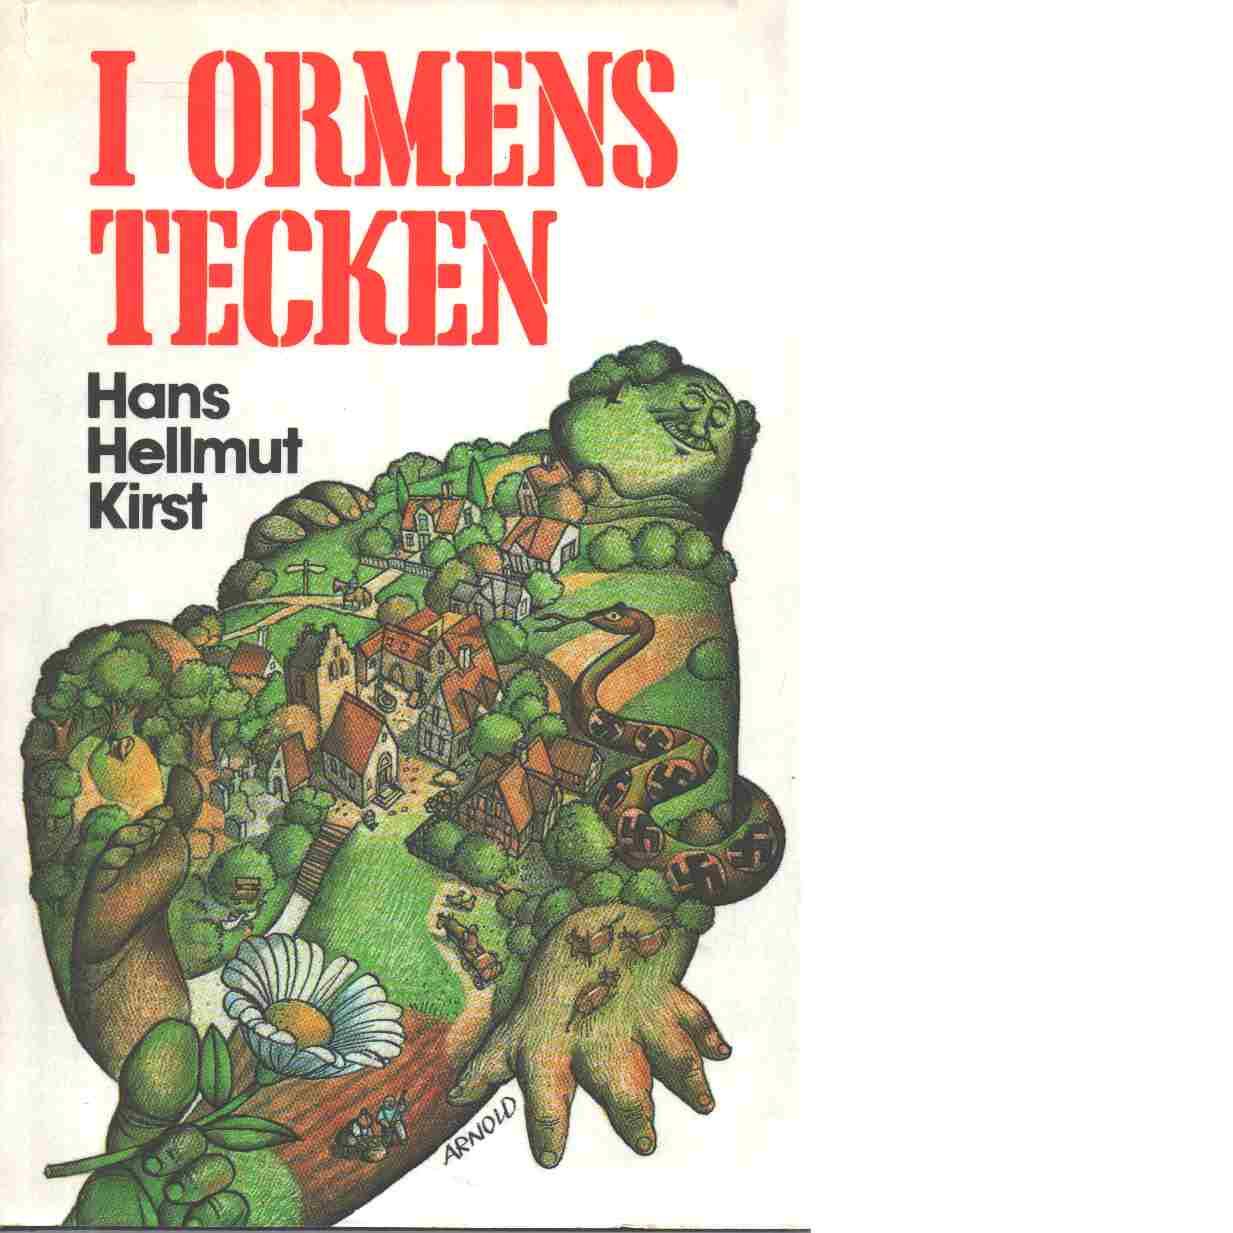 I ormens tecken - Kirst, Hans Hellmut